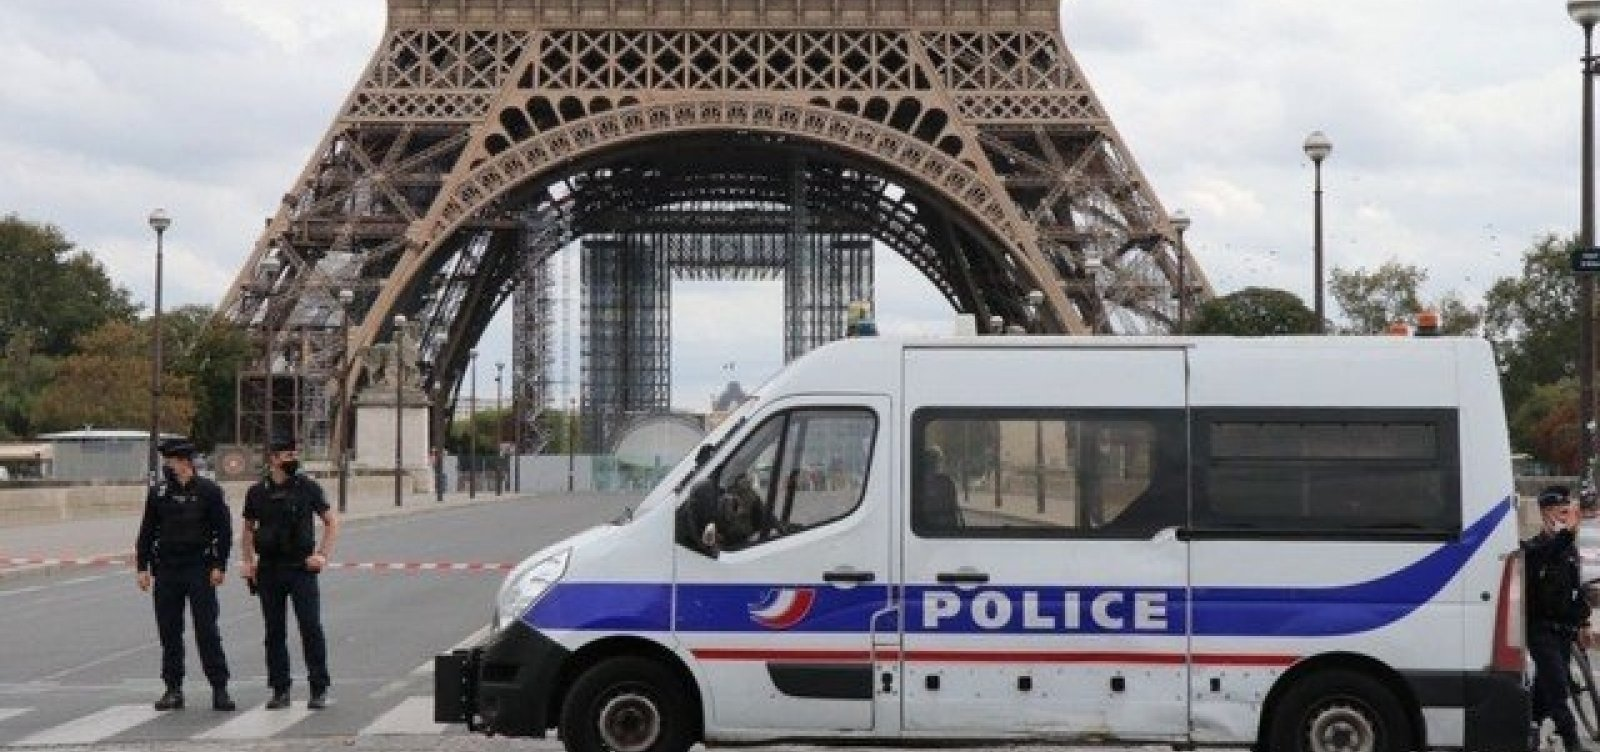 [Professor é decapitado em via pública na França e suspeita de terrorismo é investigada]